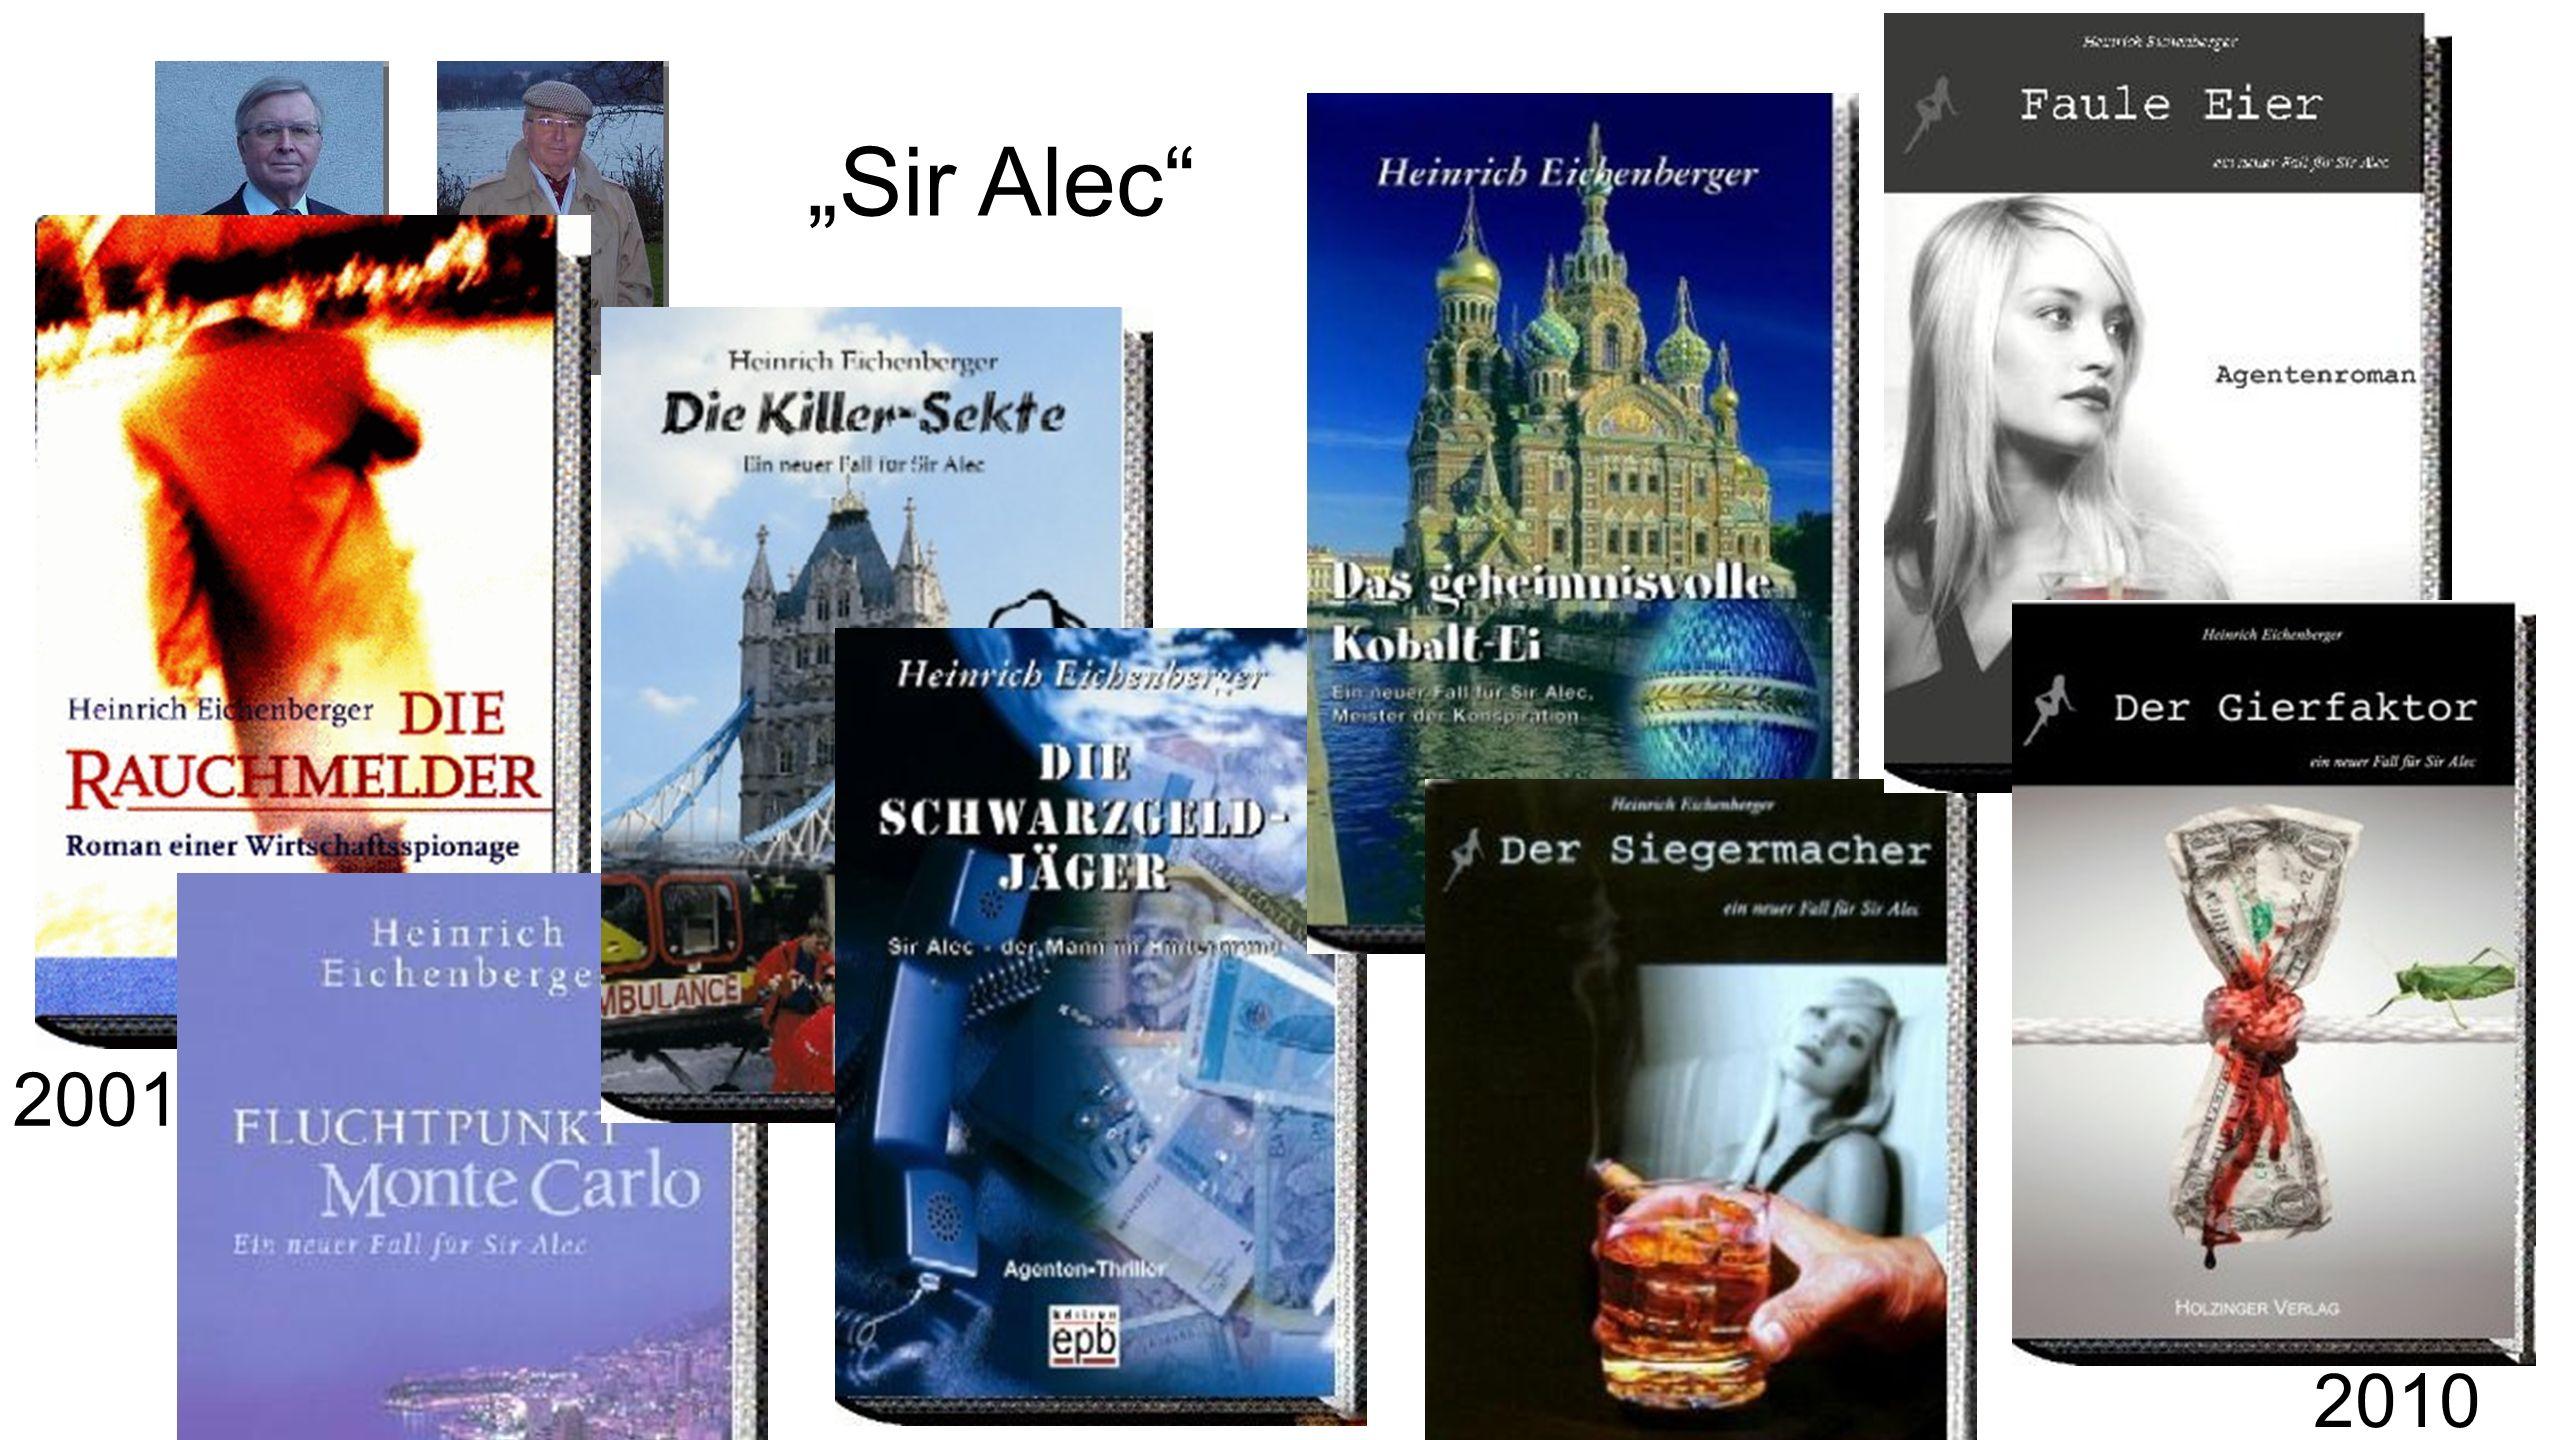 """""""Sir Alec 2001 2010"""